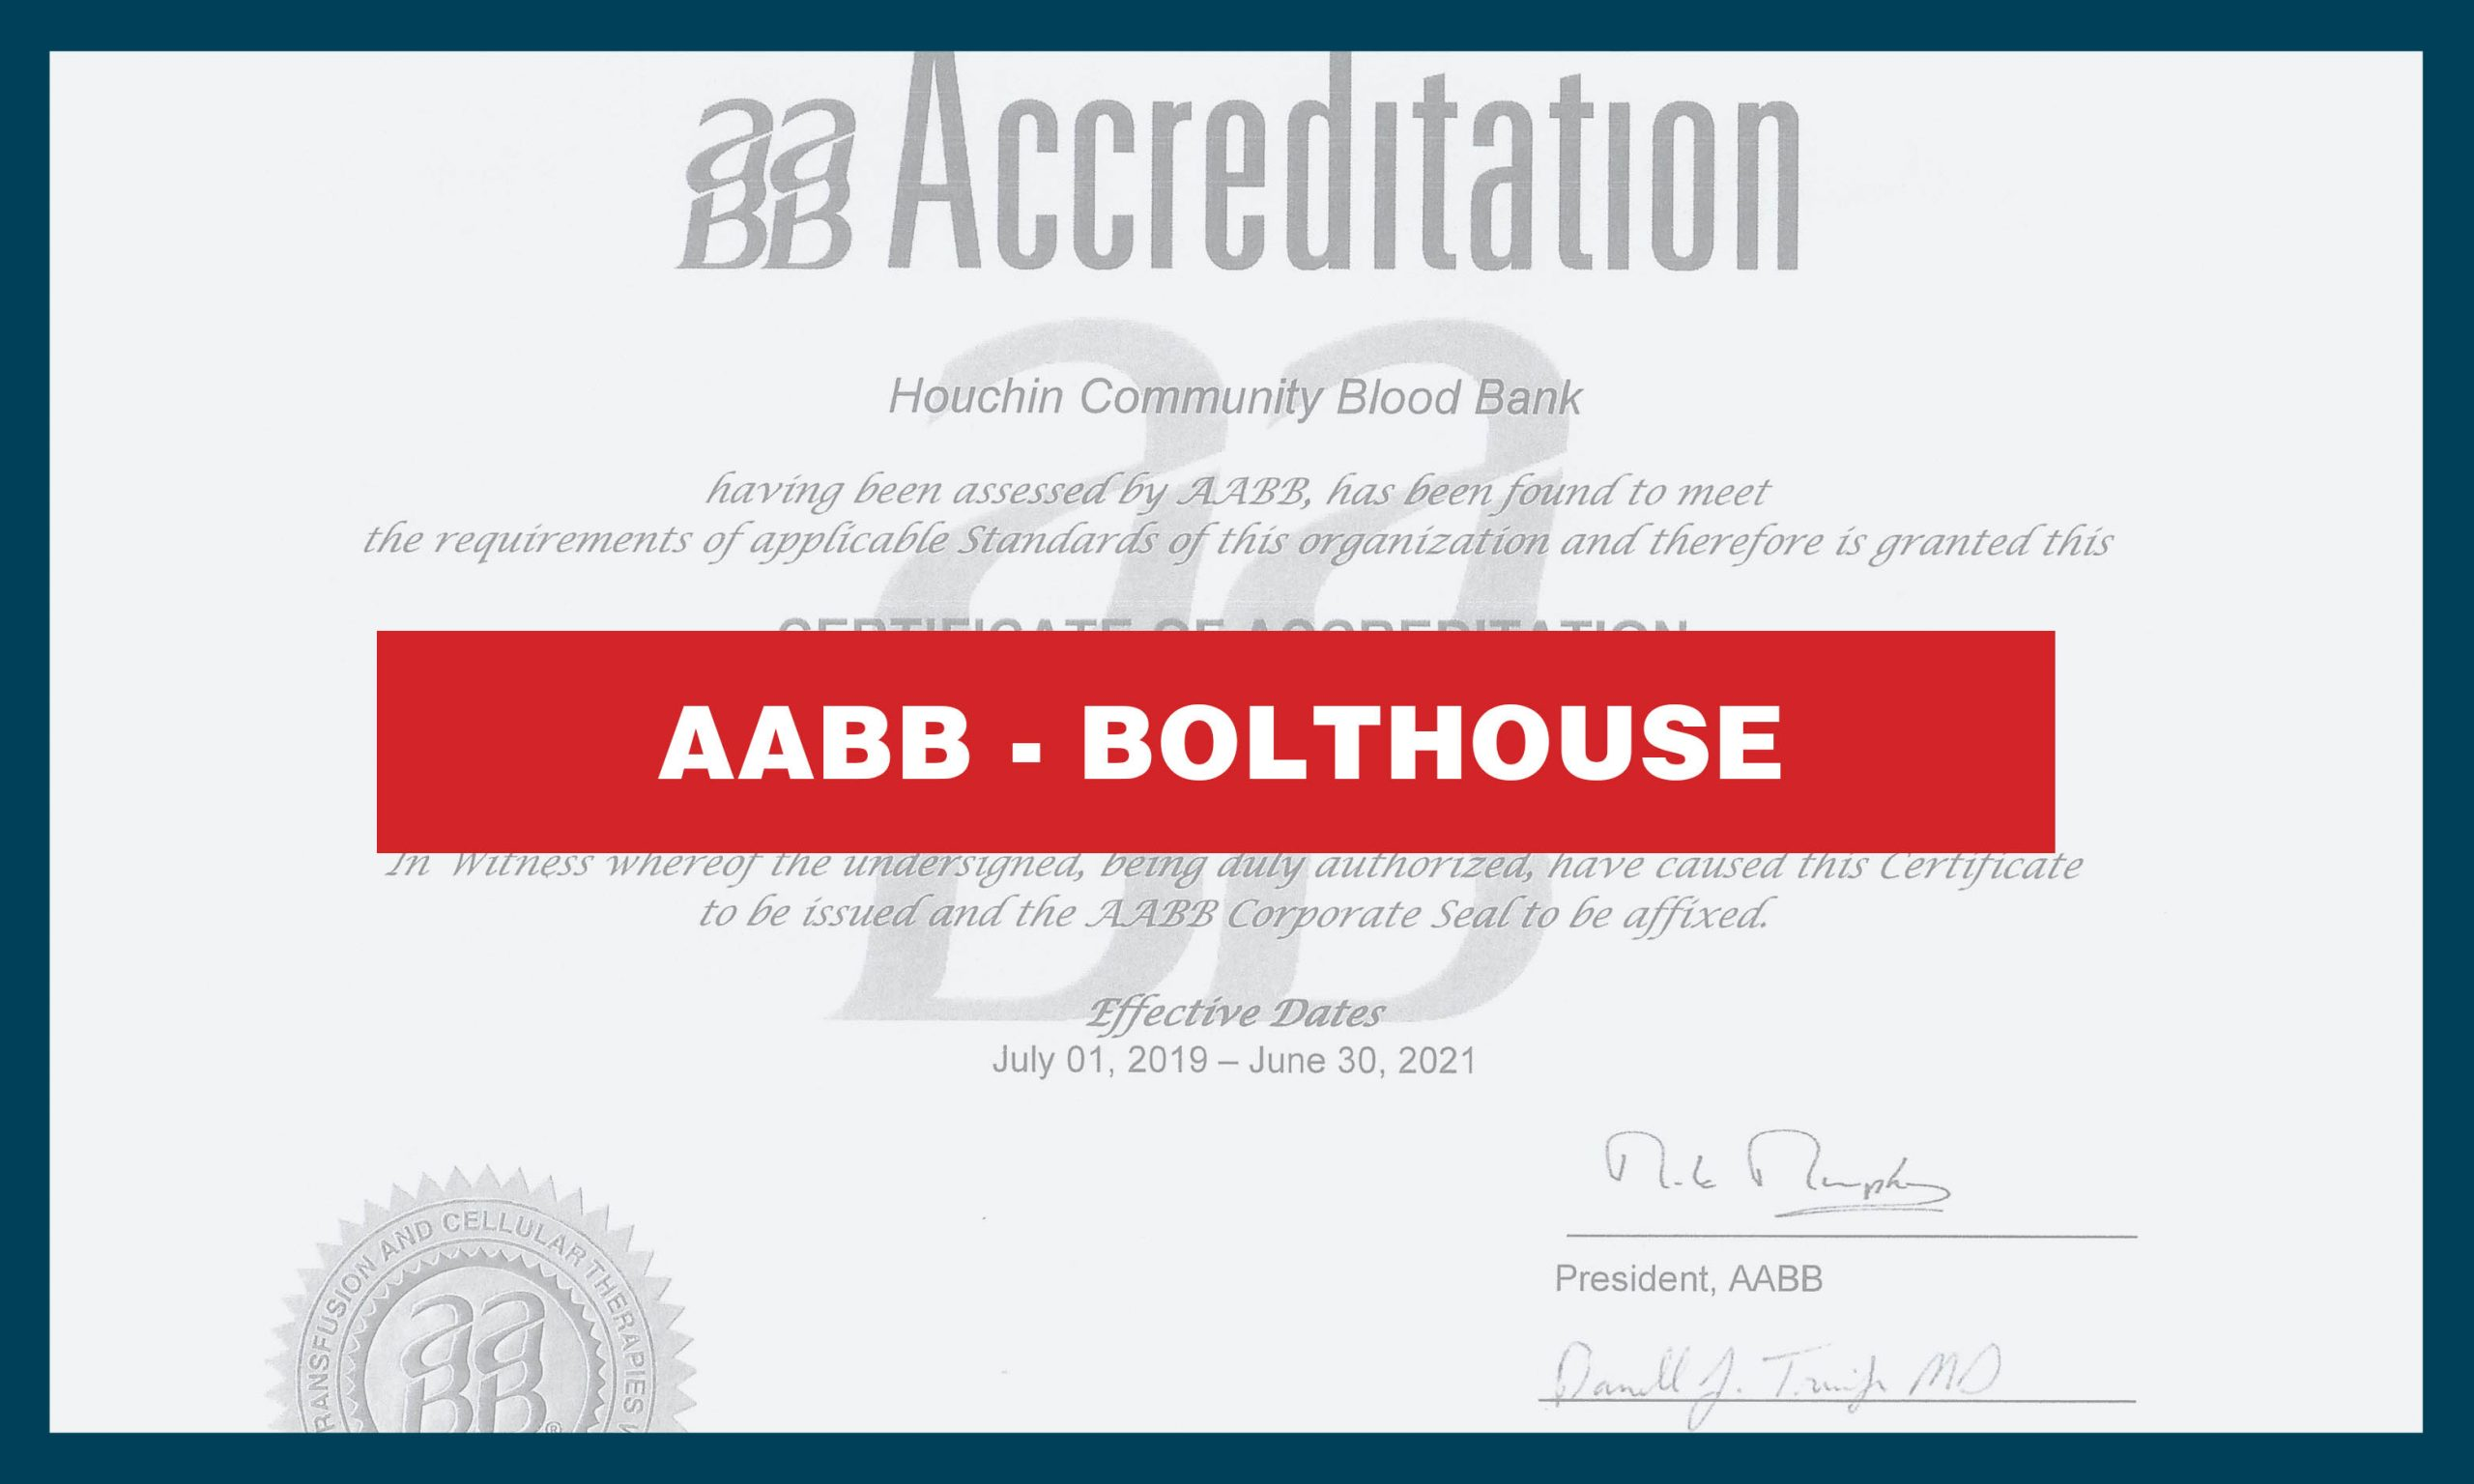 aabb bolthouse